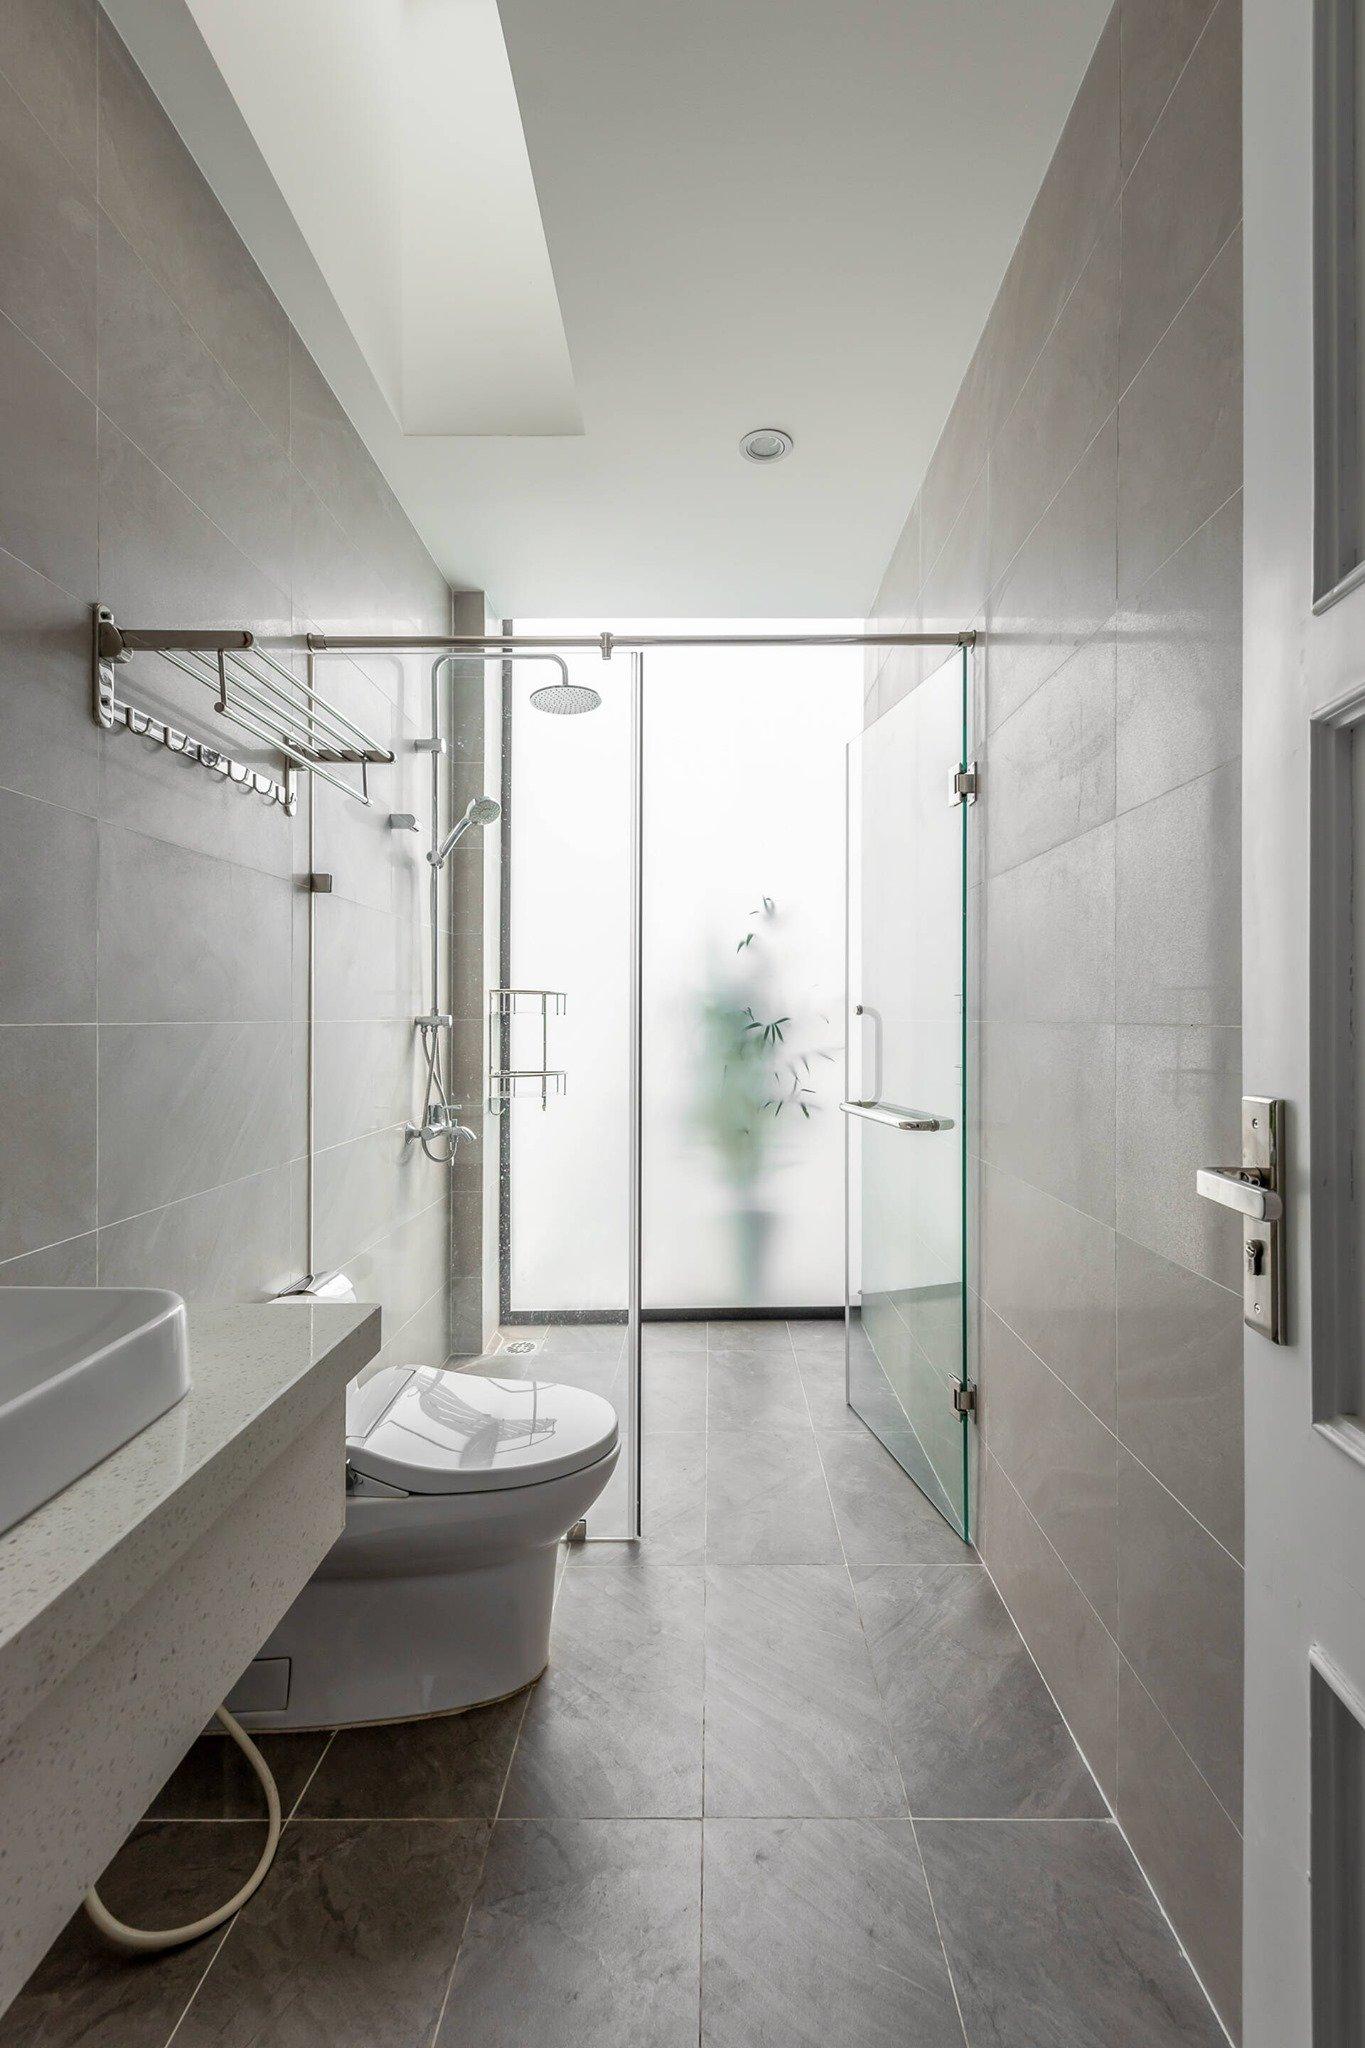 Nhà vệ sinh rộng rãi tạo cảm giác thư giản